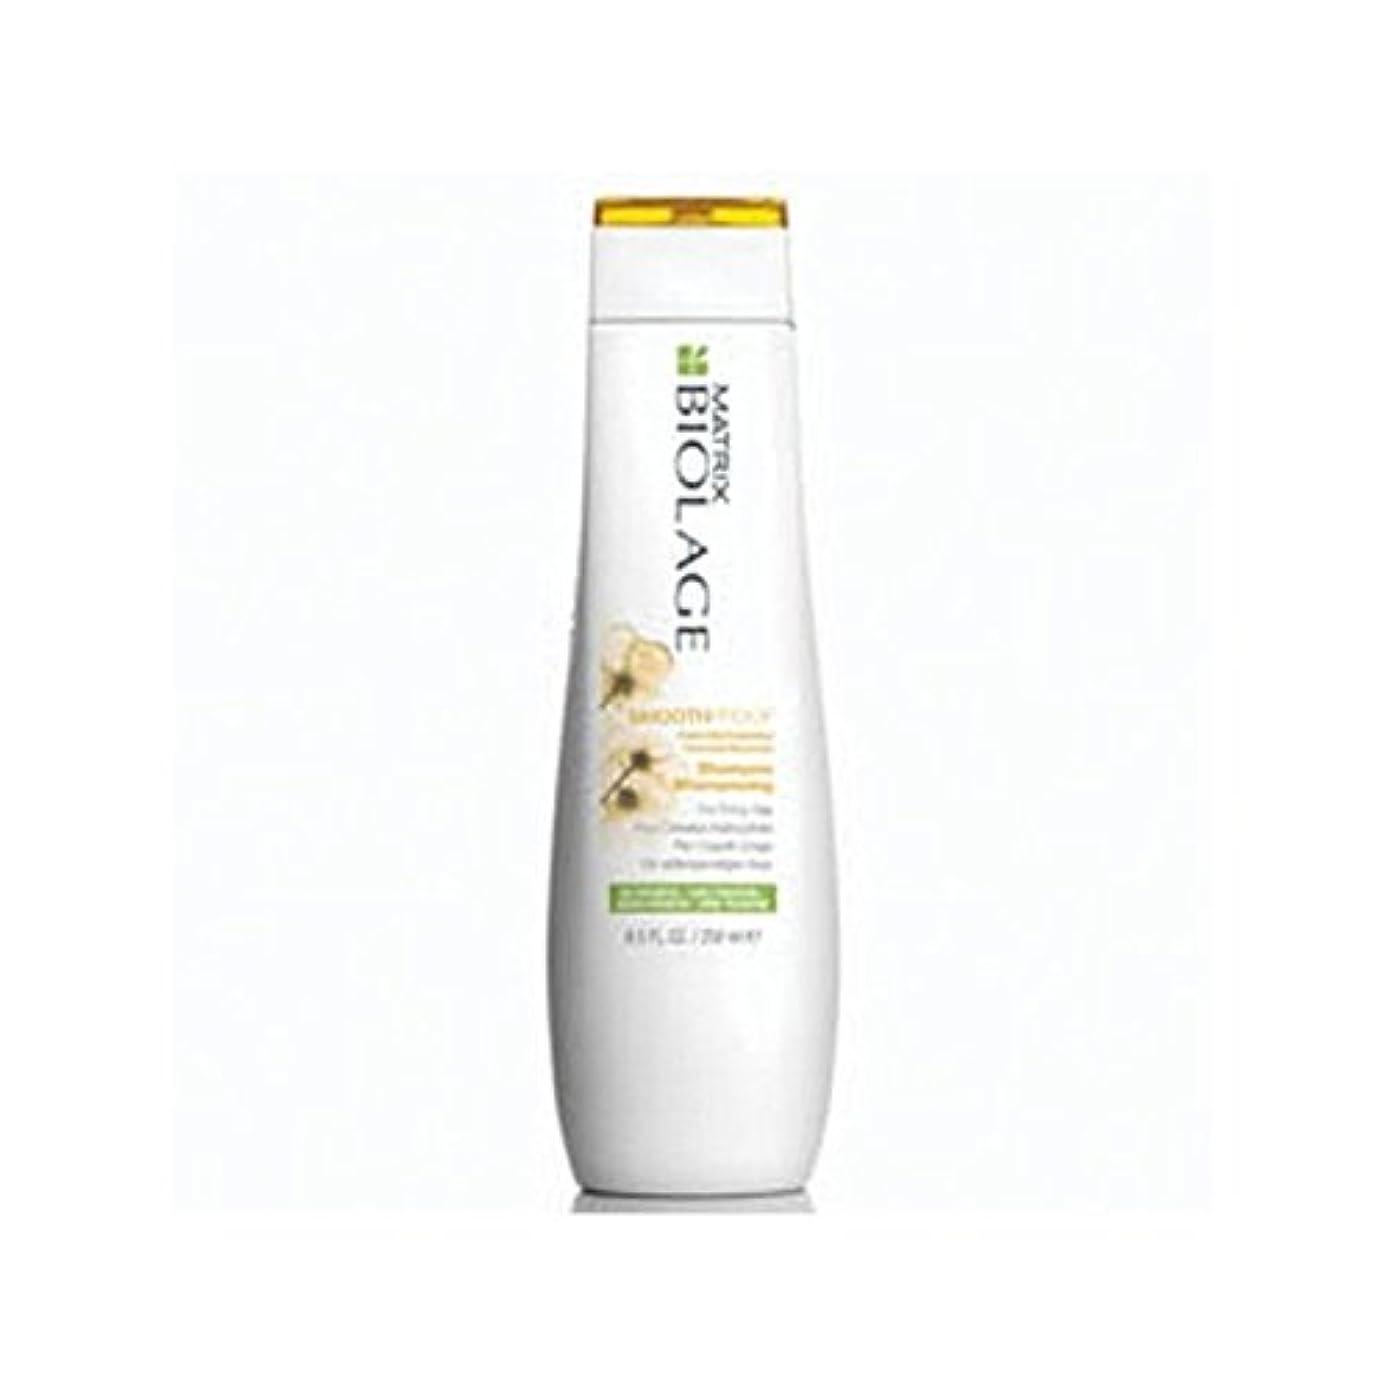 惨めな注ぎます申請中Matrix Biolage Smoothproof Shampoo (250ml) (Pack of 6) - マトリックスバイオレイジのシャンプー(250ミリリットル) x6 [並行輸入品]